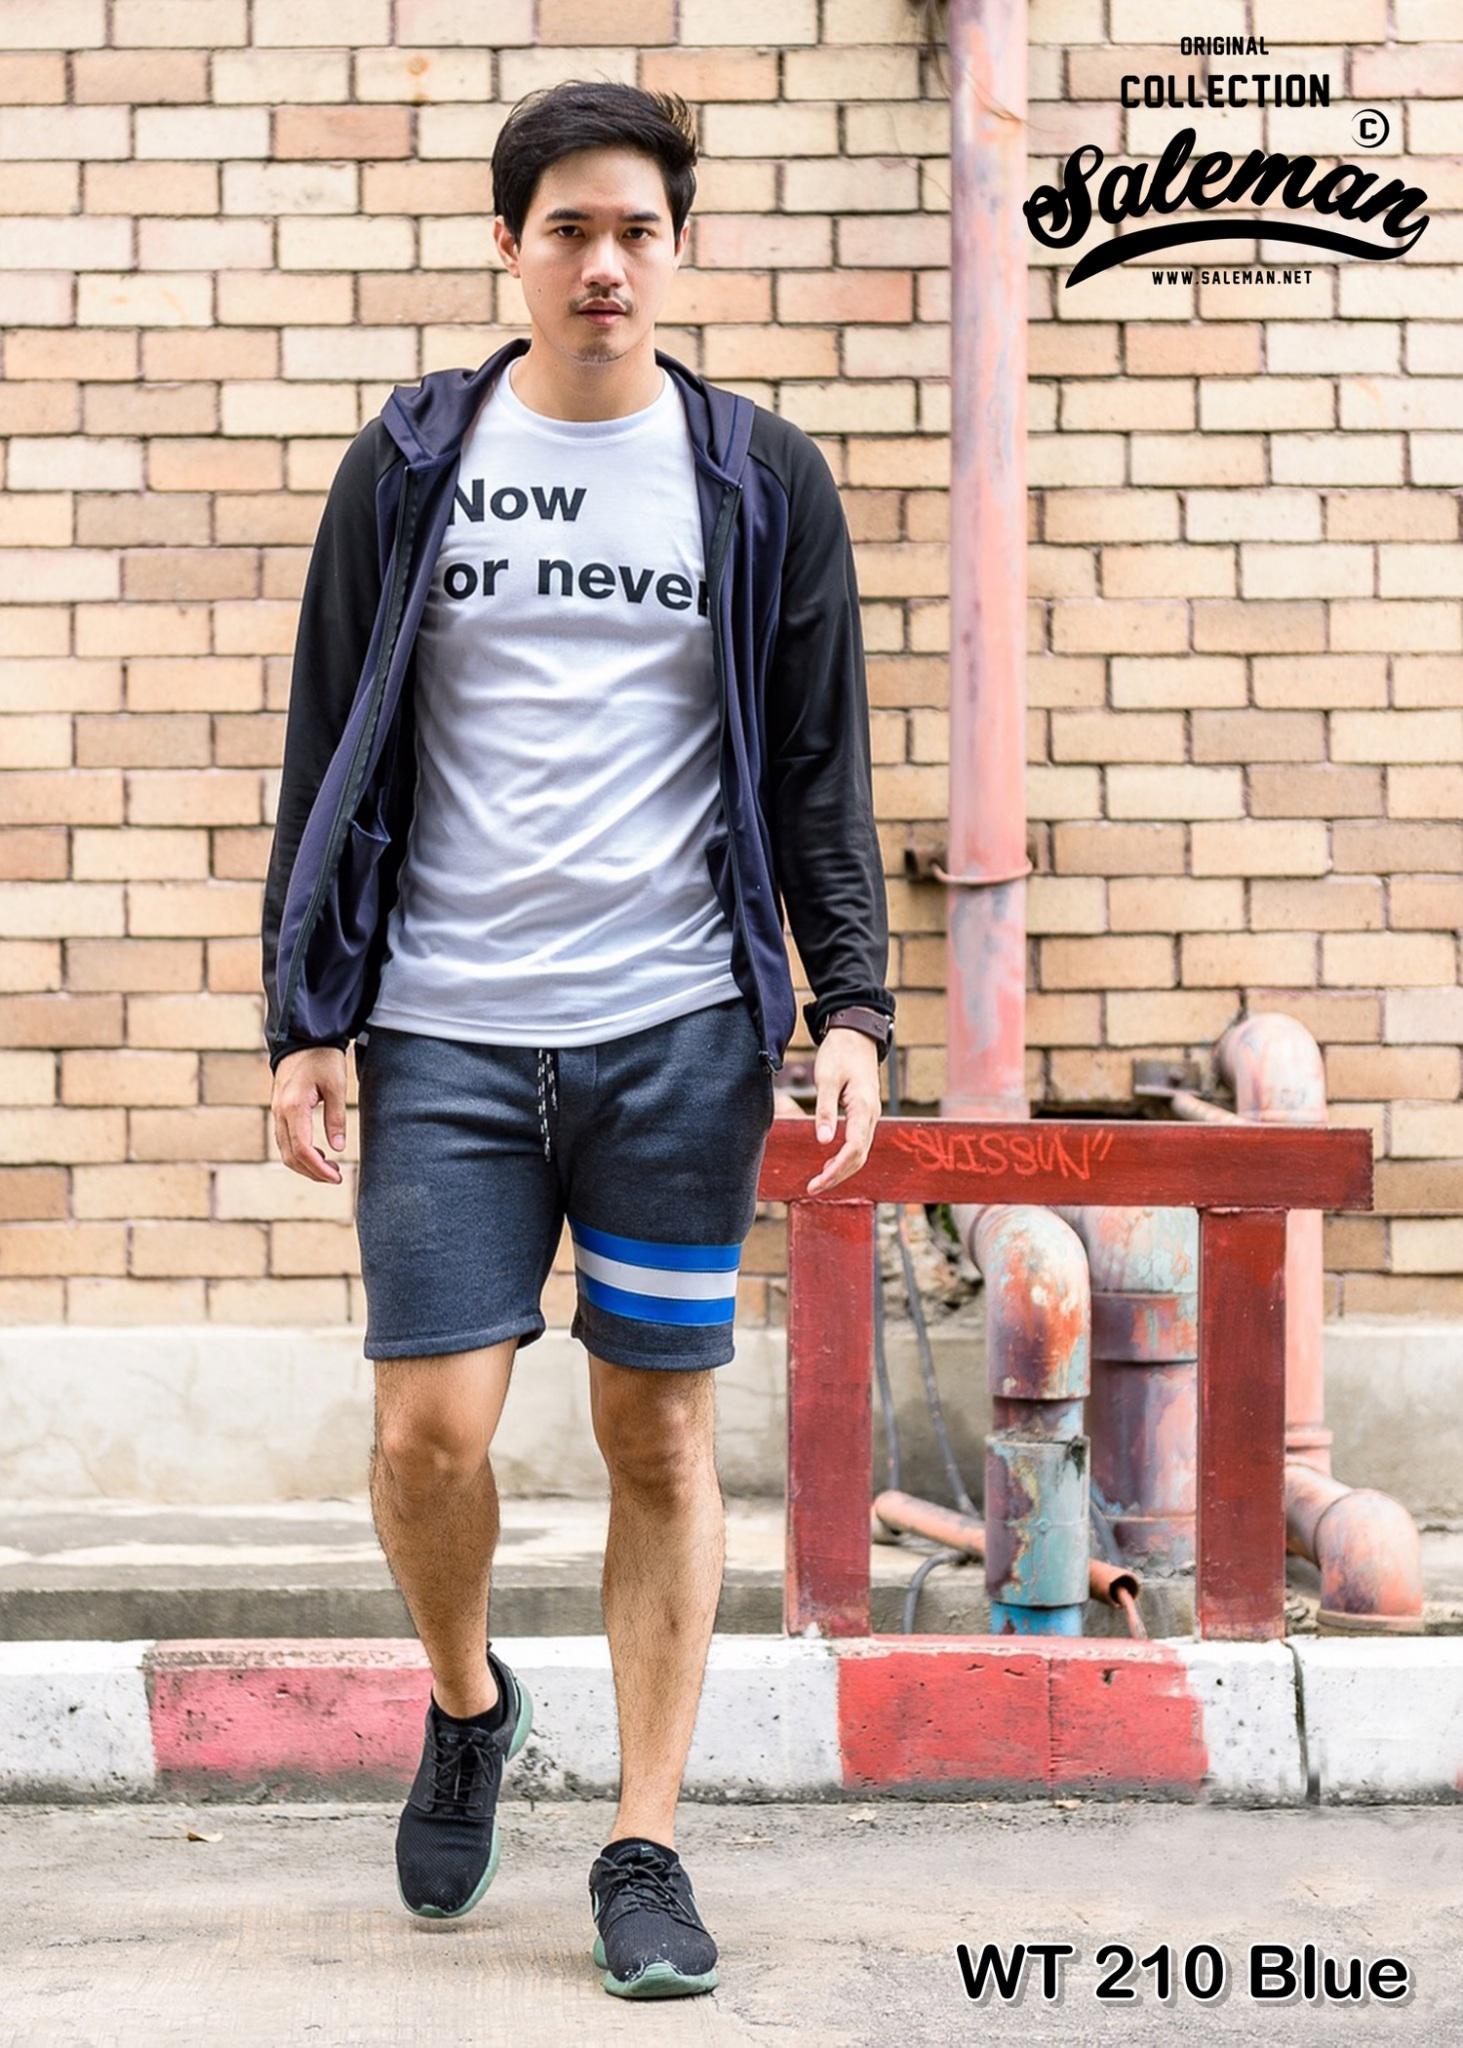 กางเกงขาสั้น พรีเมี่ยม ผ้า COTTON รหัส WT T210 ฺBlue สีเทาเข้ม แถบ ฟ้า